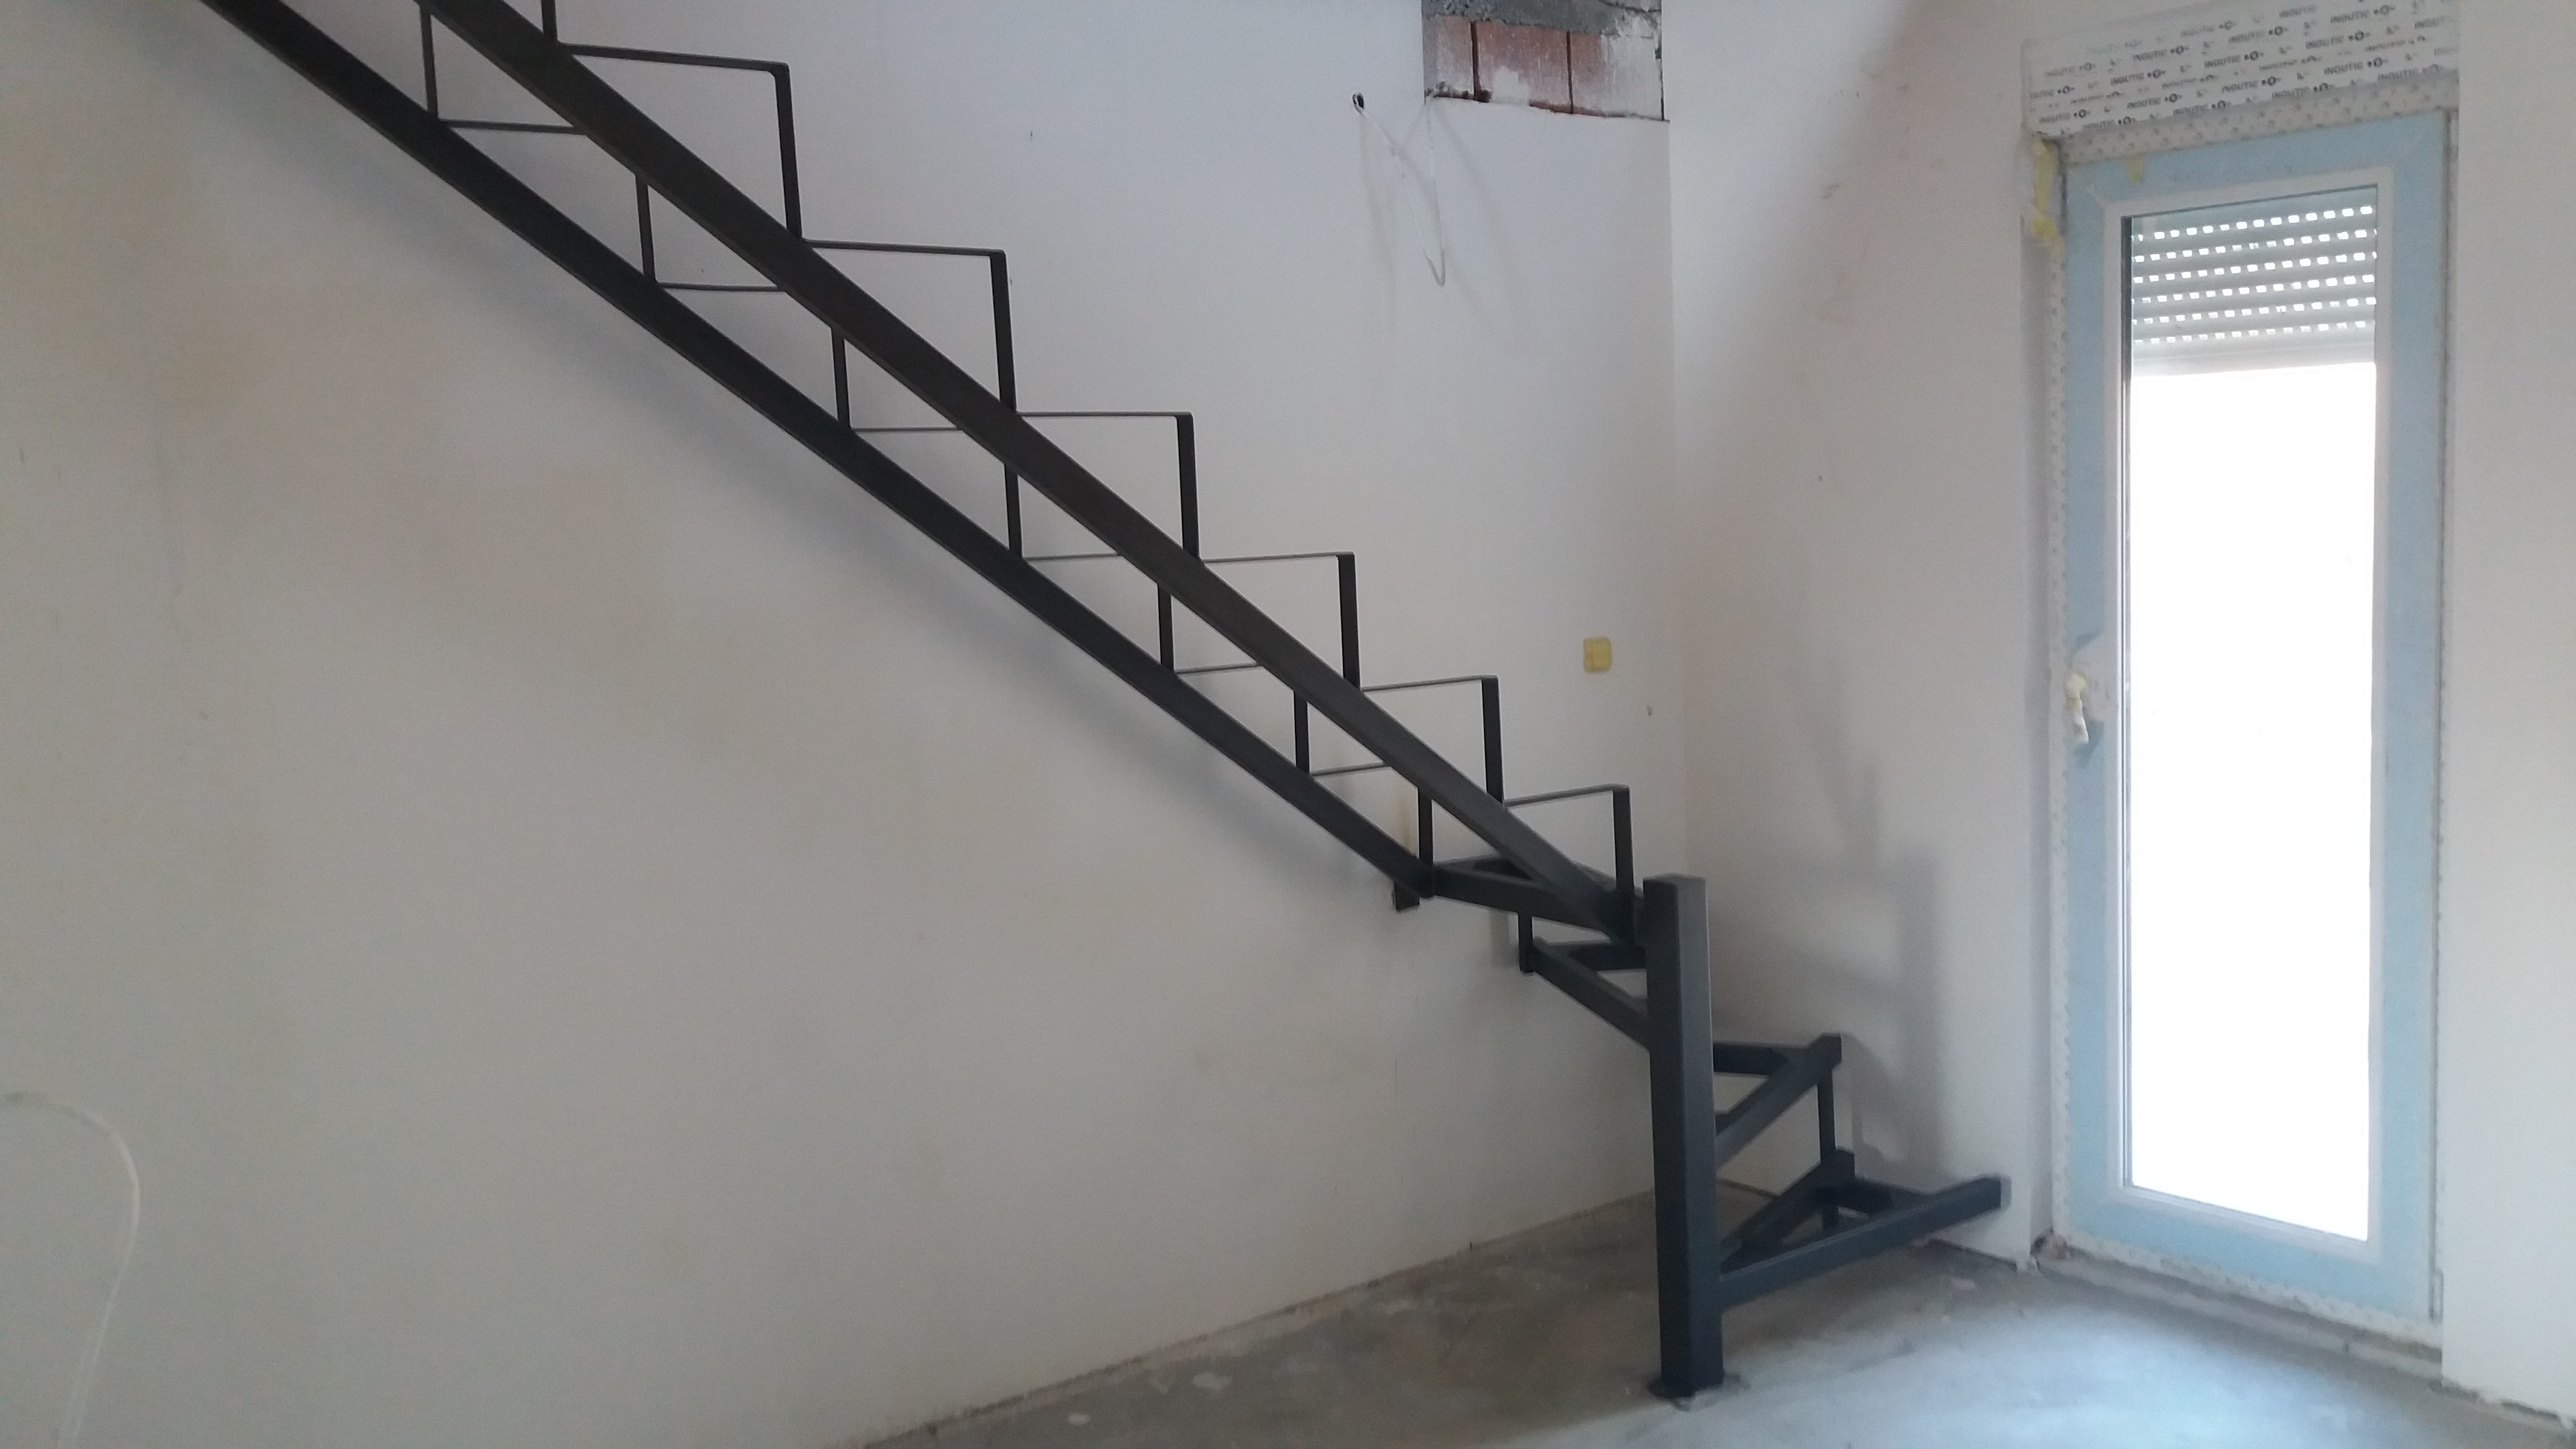 Izrada metalne konstukcije za stepenice